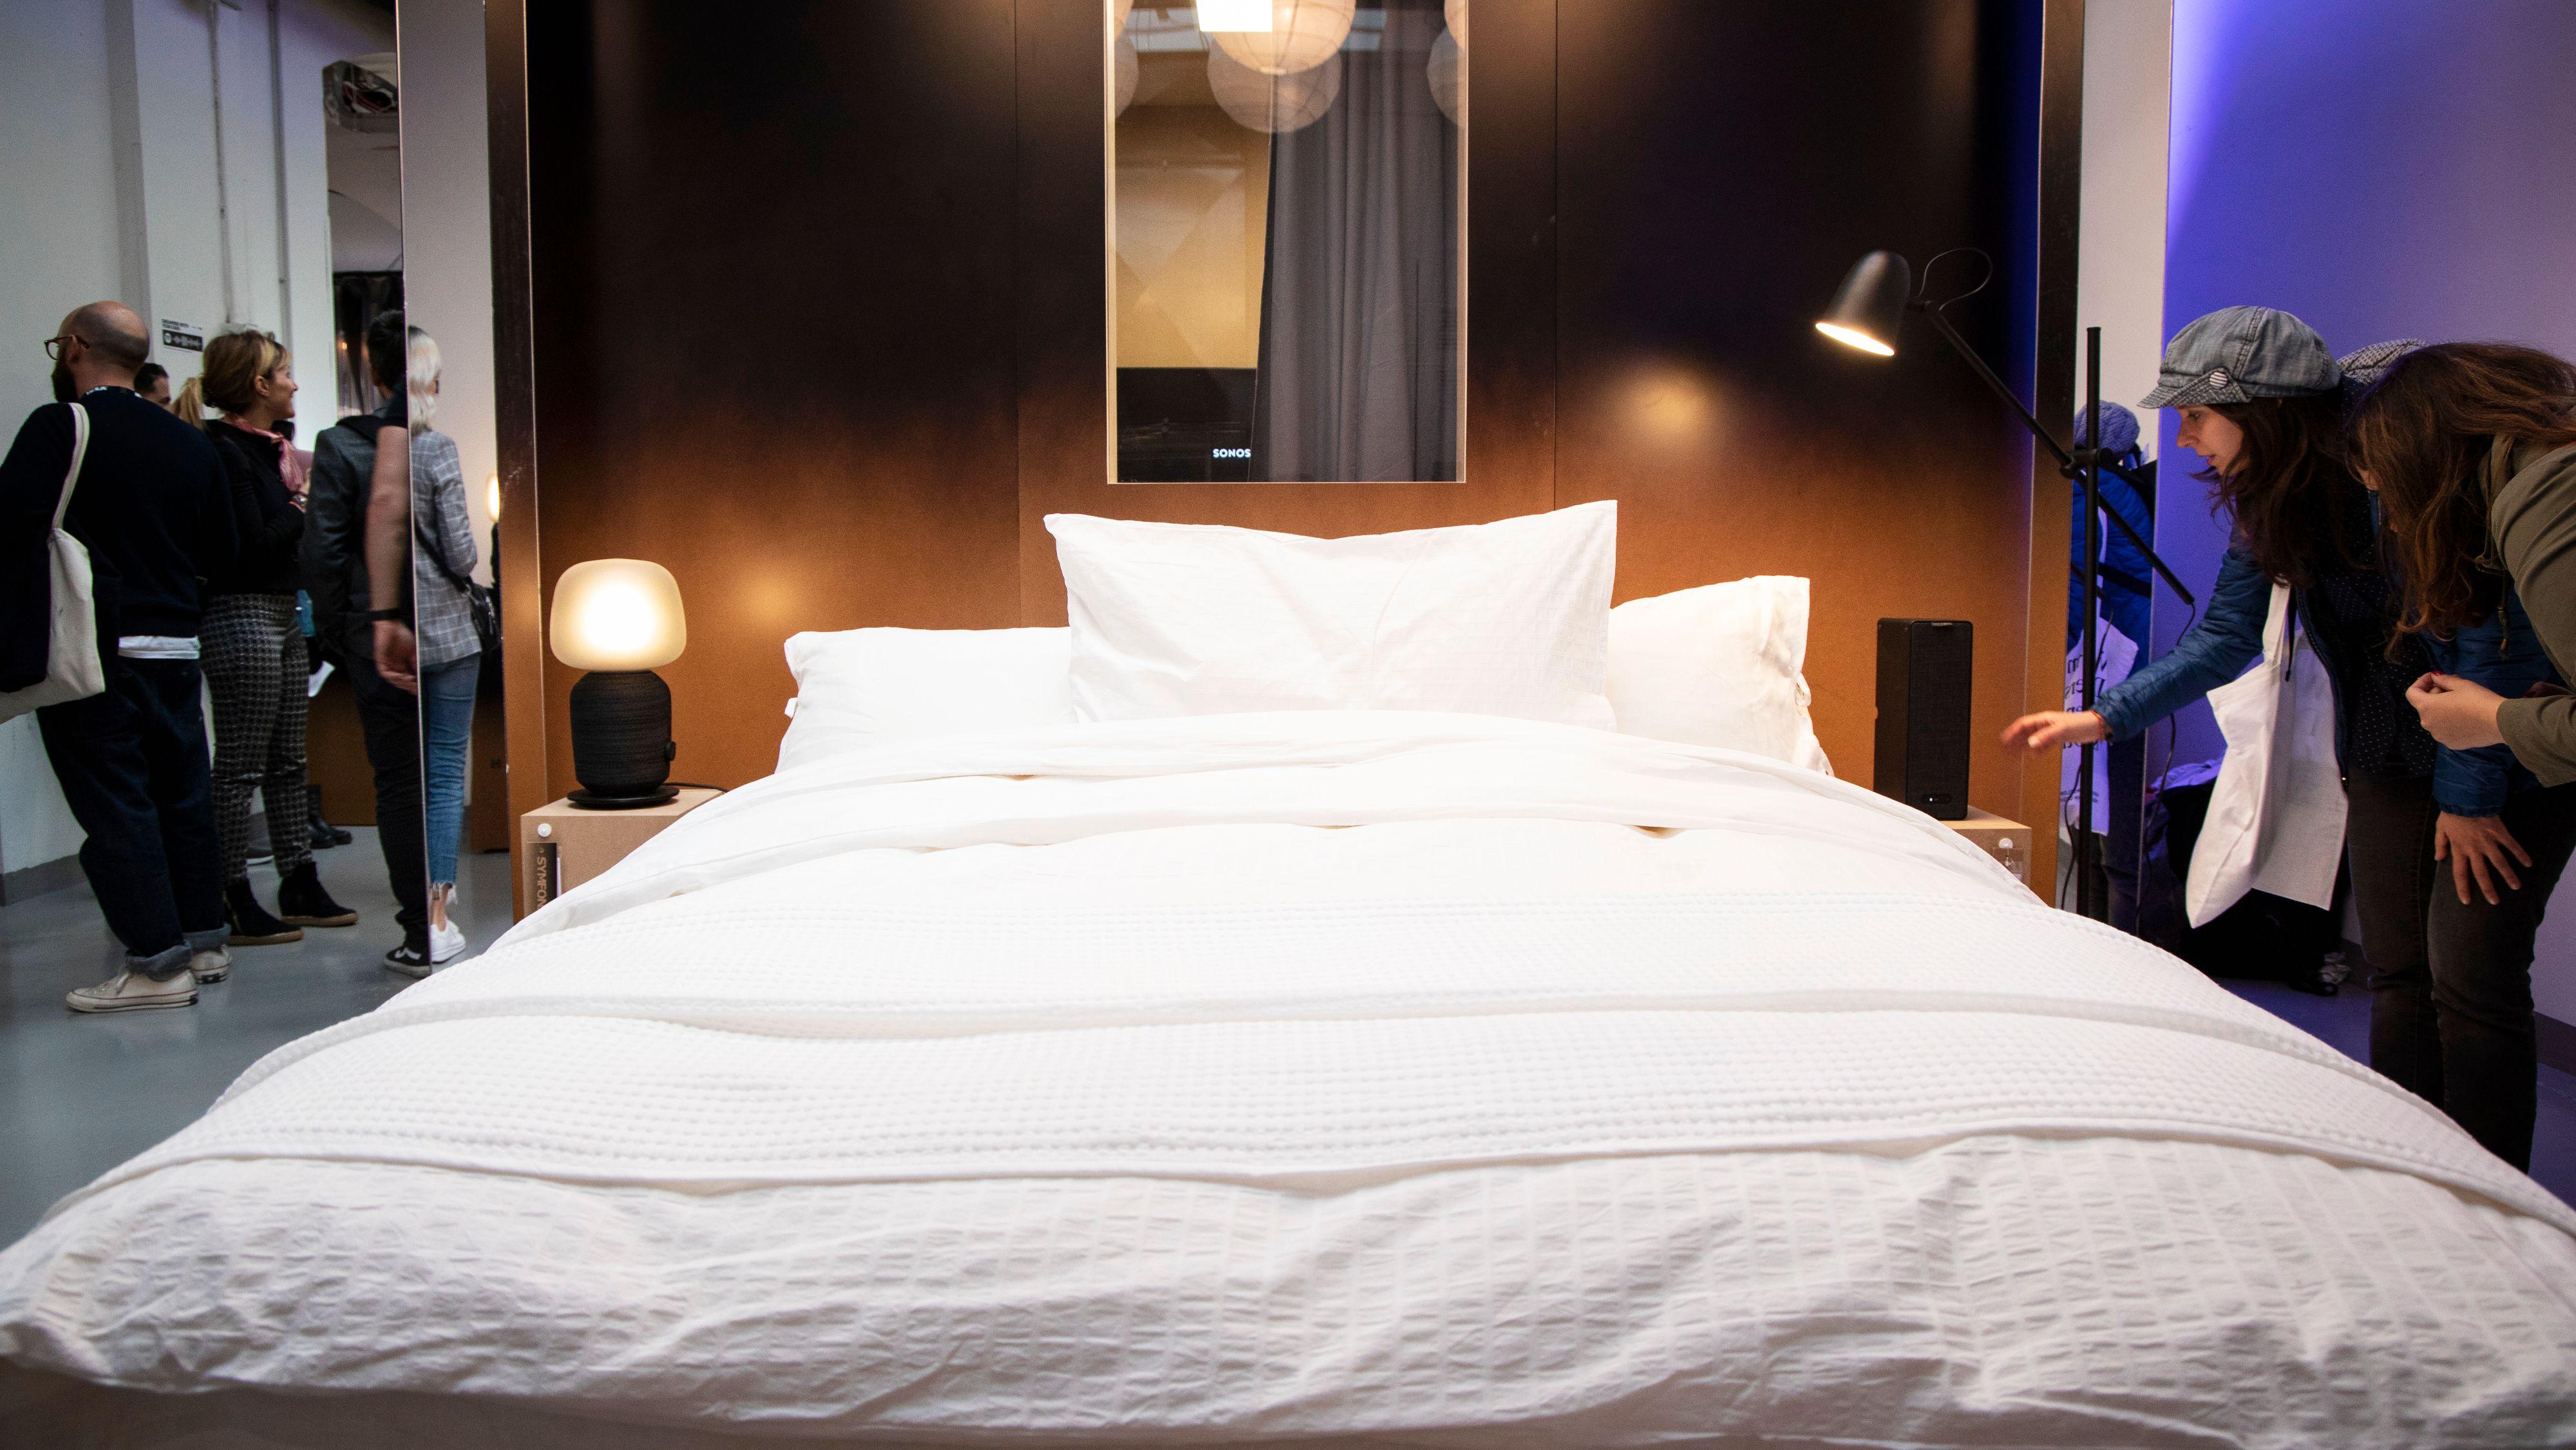 Stereohøyttalere på nattbordet? Fullt mulig med Ikea og Sonos' høyttalerlampe.